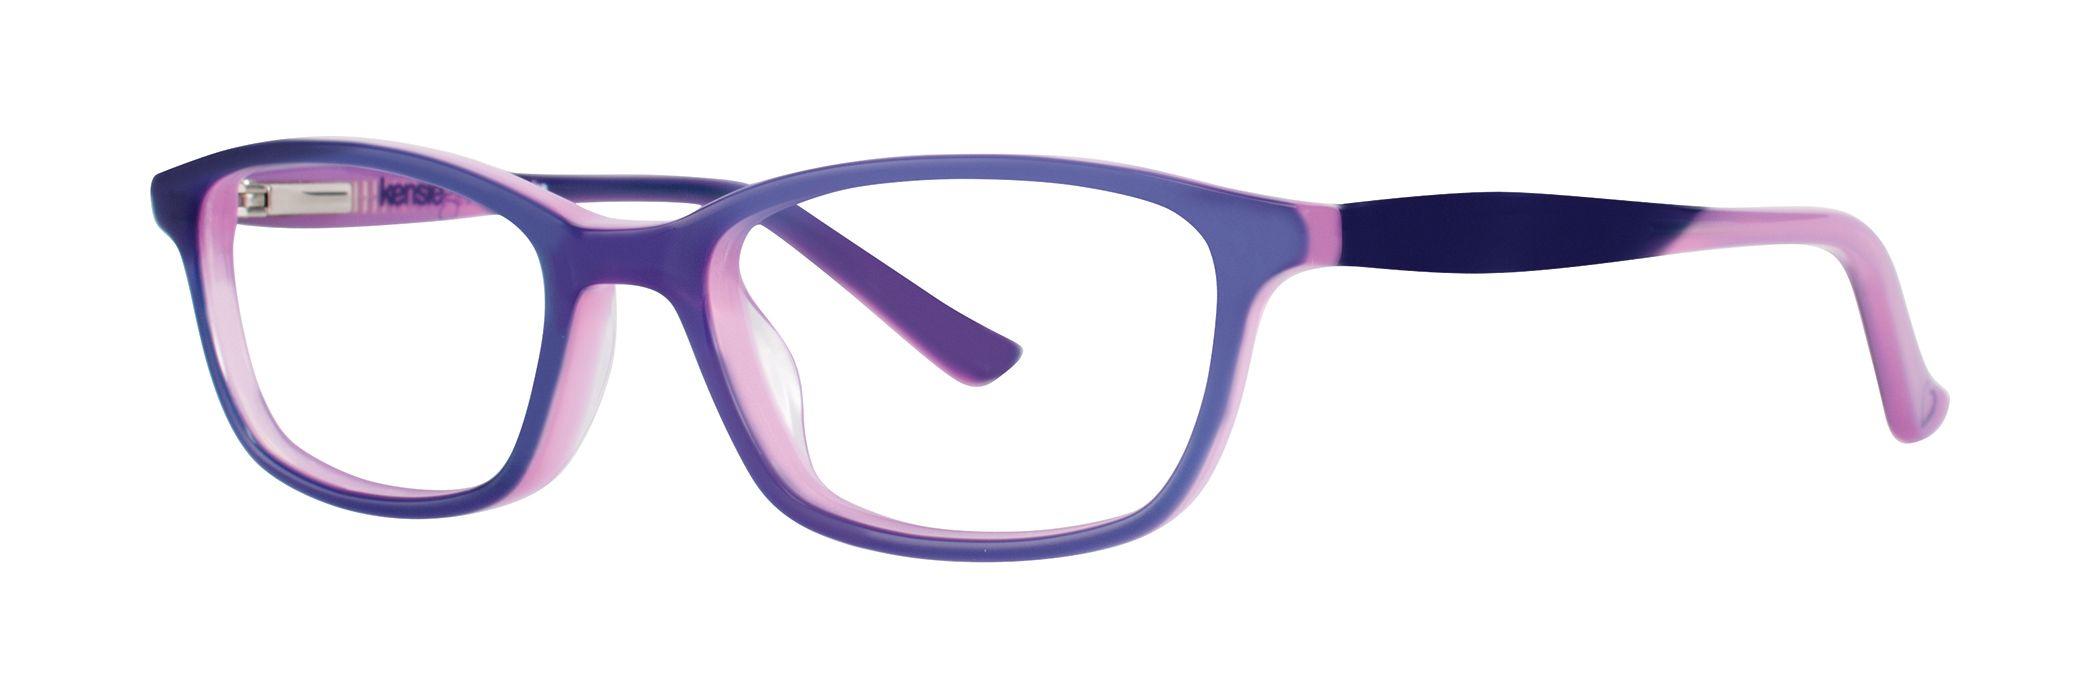 Kensie Girl Surprise Eyeglasses Purple Surprise PU - Optiwow